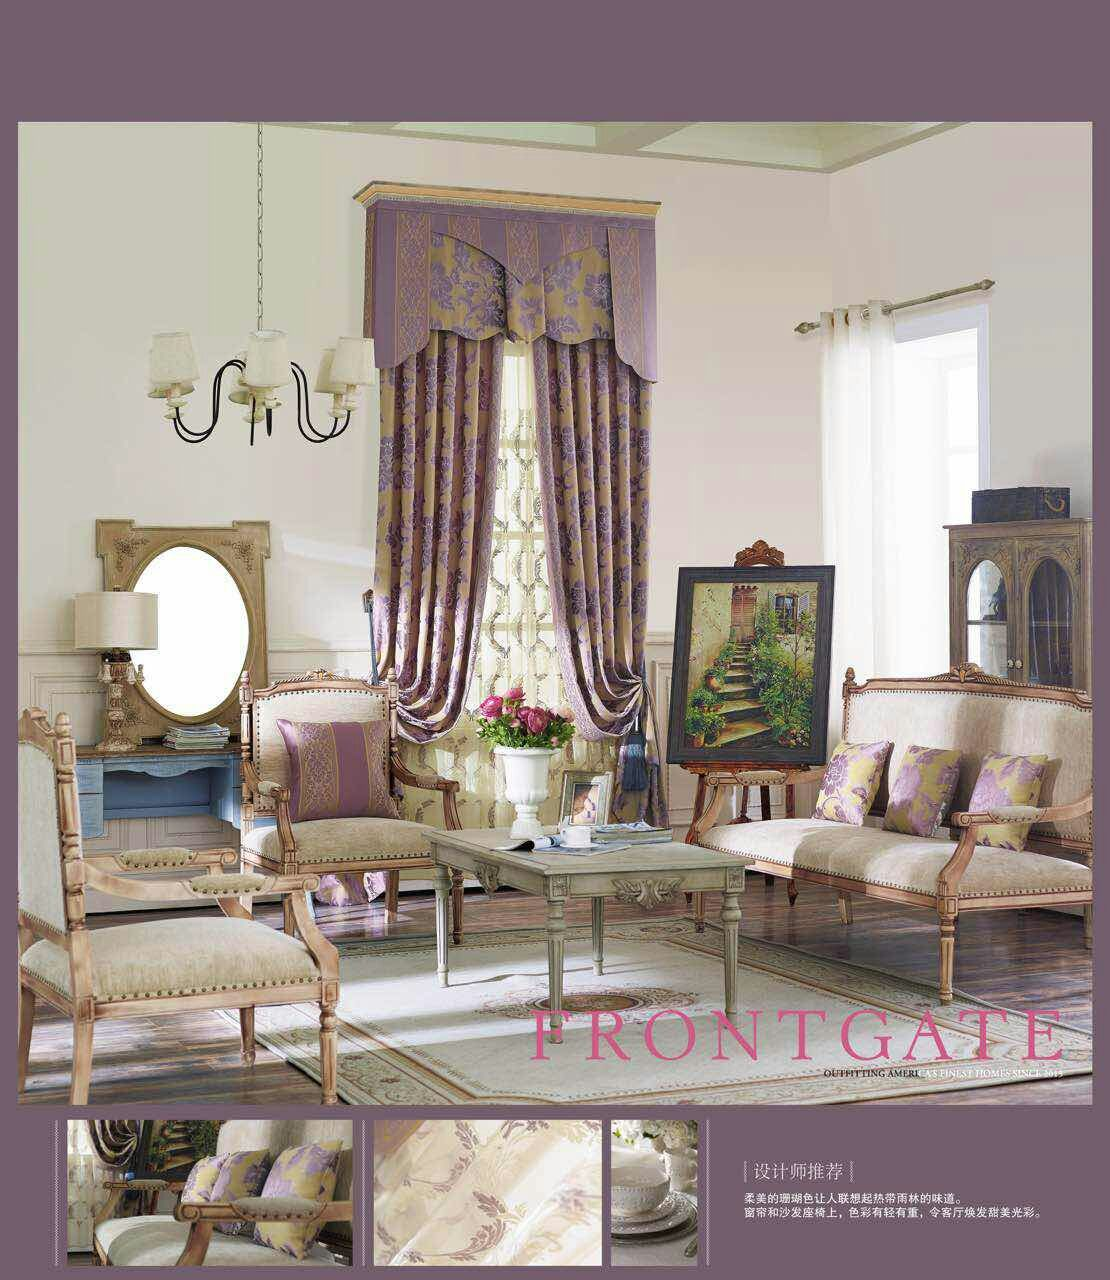 天丽墙纸(DELIGHT)高档欧式窗帘奢华雪尼尔遮光客厅卧室餐厅豪华大气美式窗帘定制